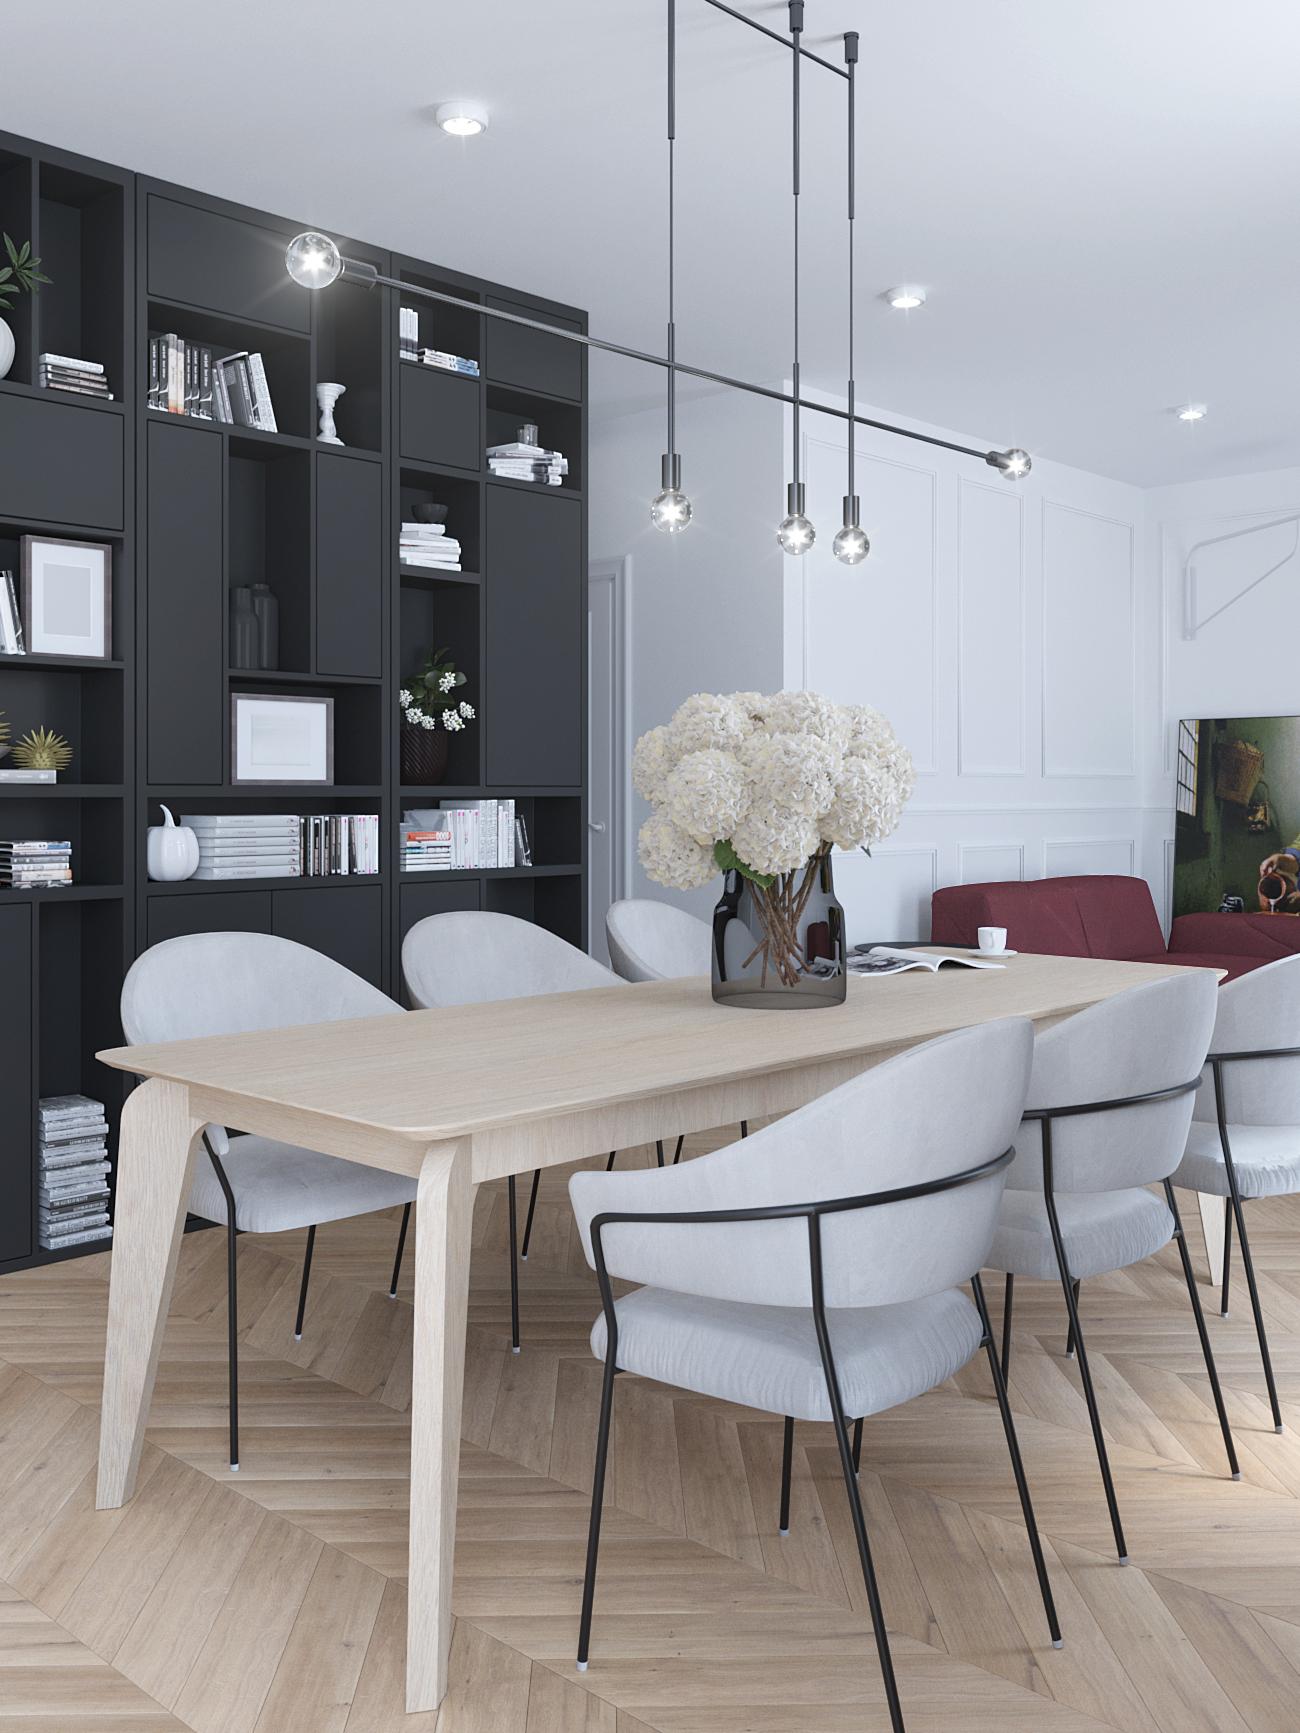 9 projektowanie wnetrz M356 mieszkanie Krakow grafitowa zabudowa jodelka na podlodze szare krzesla